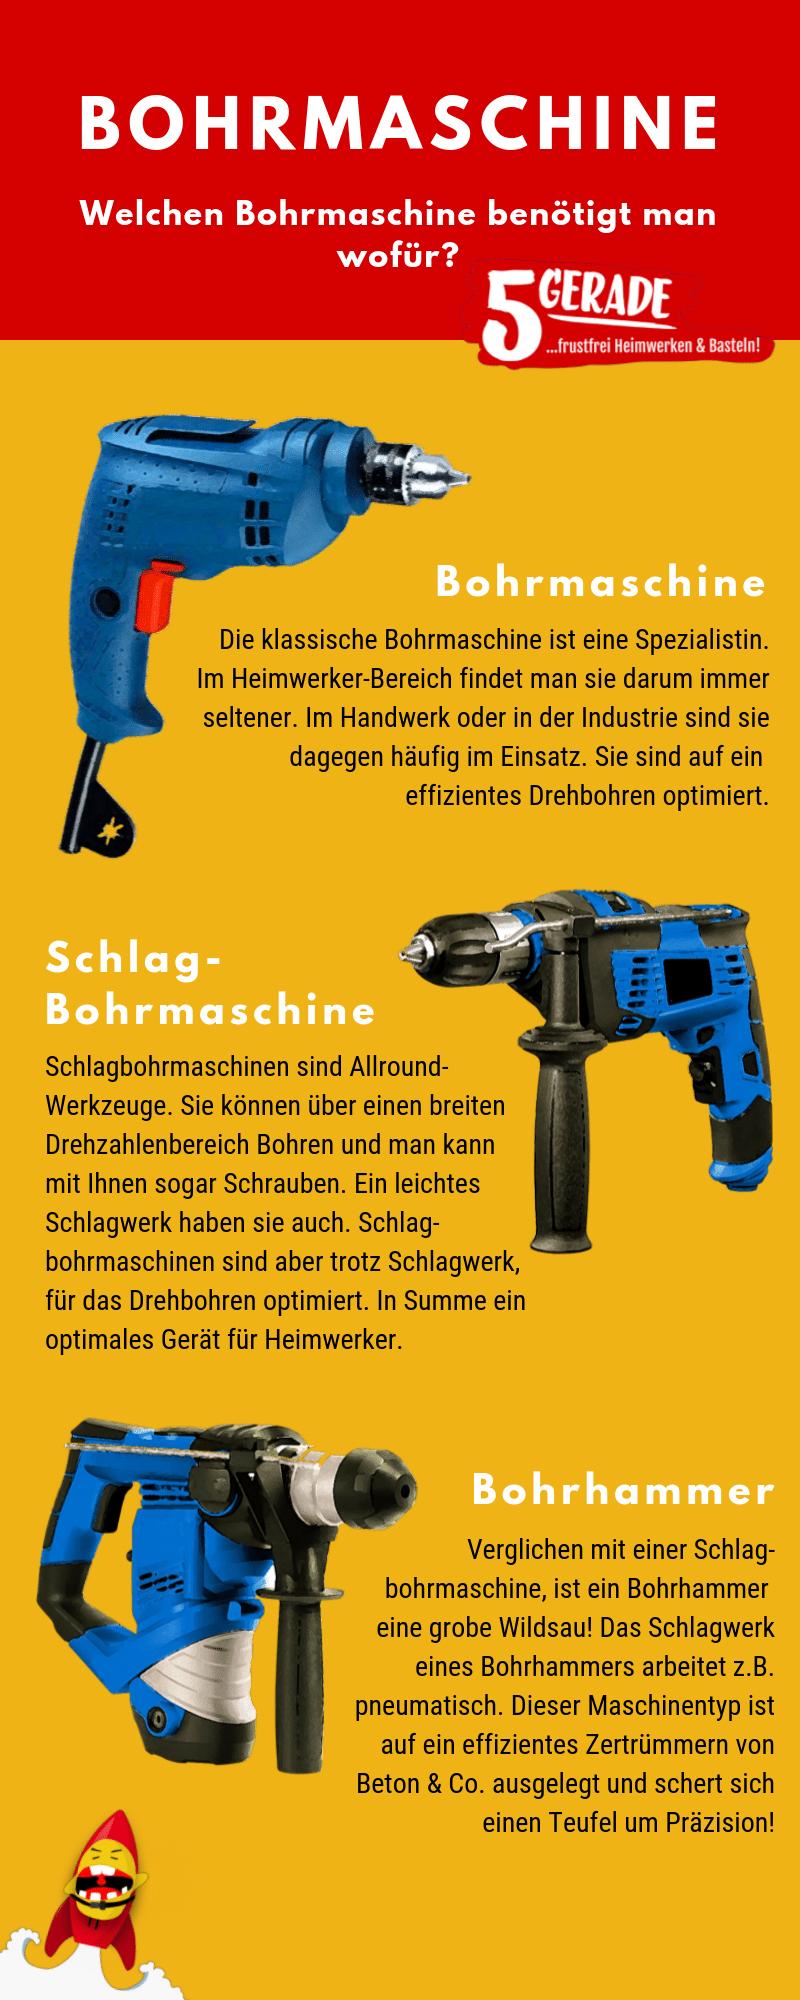 Übersicht der Bohrmaschinen Typen. Bohrmaschine, Schlagborhmaschine und der Bohrhammer sind die drei gängistens Maschinen-Arten.